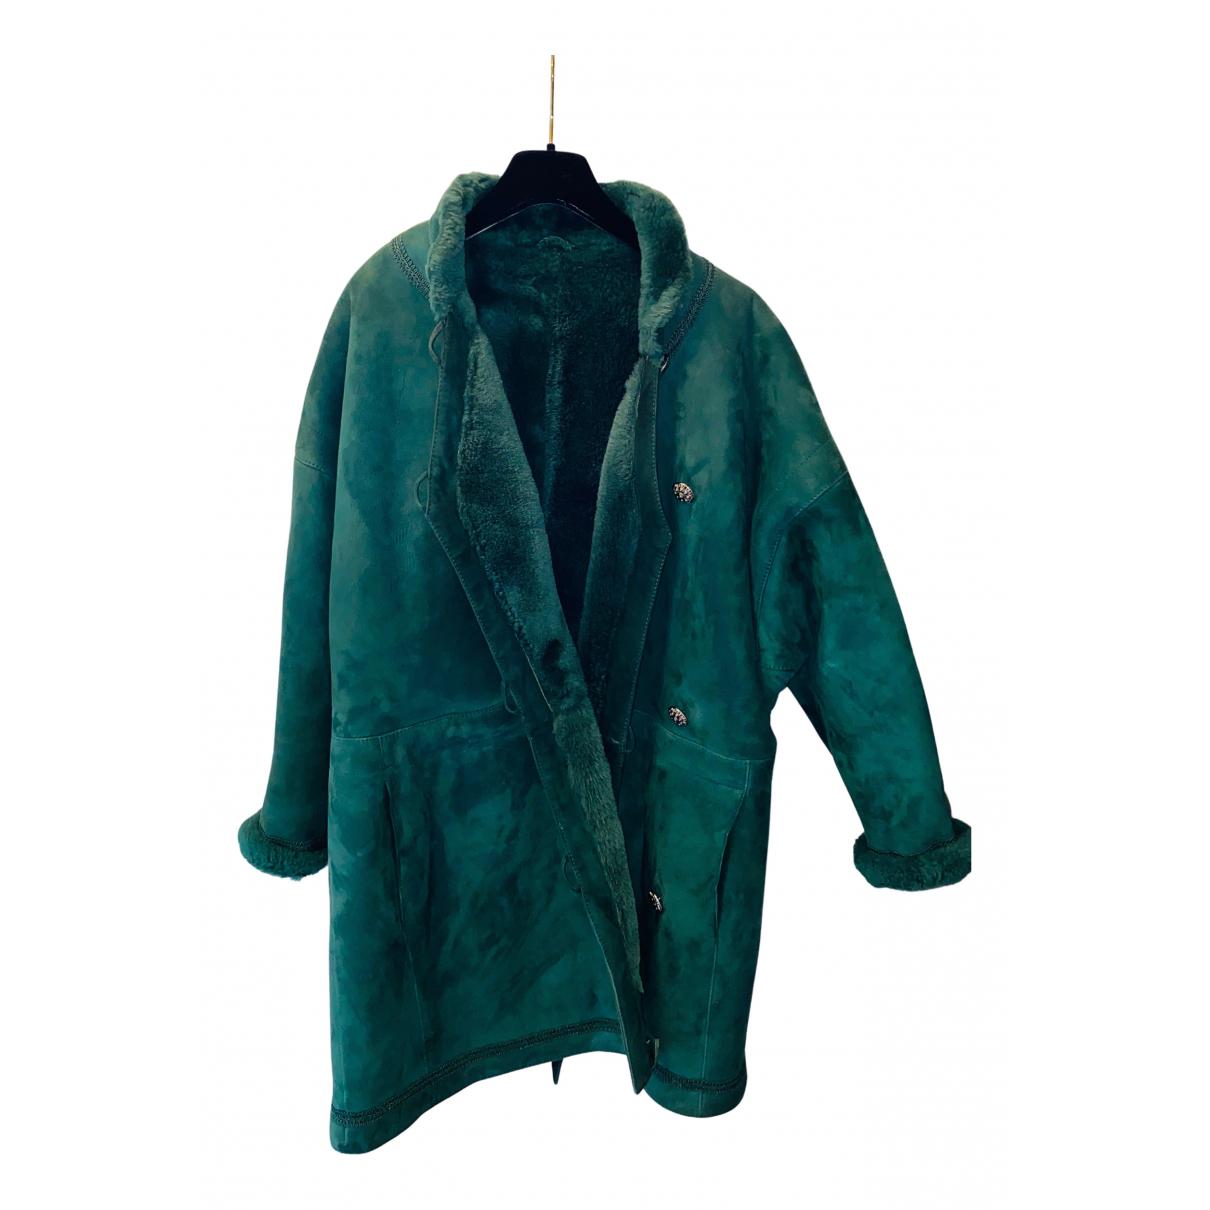 Yves Saint Laurent - Manteau   pour femme en mouton - vert